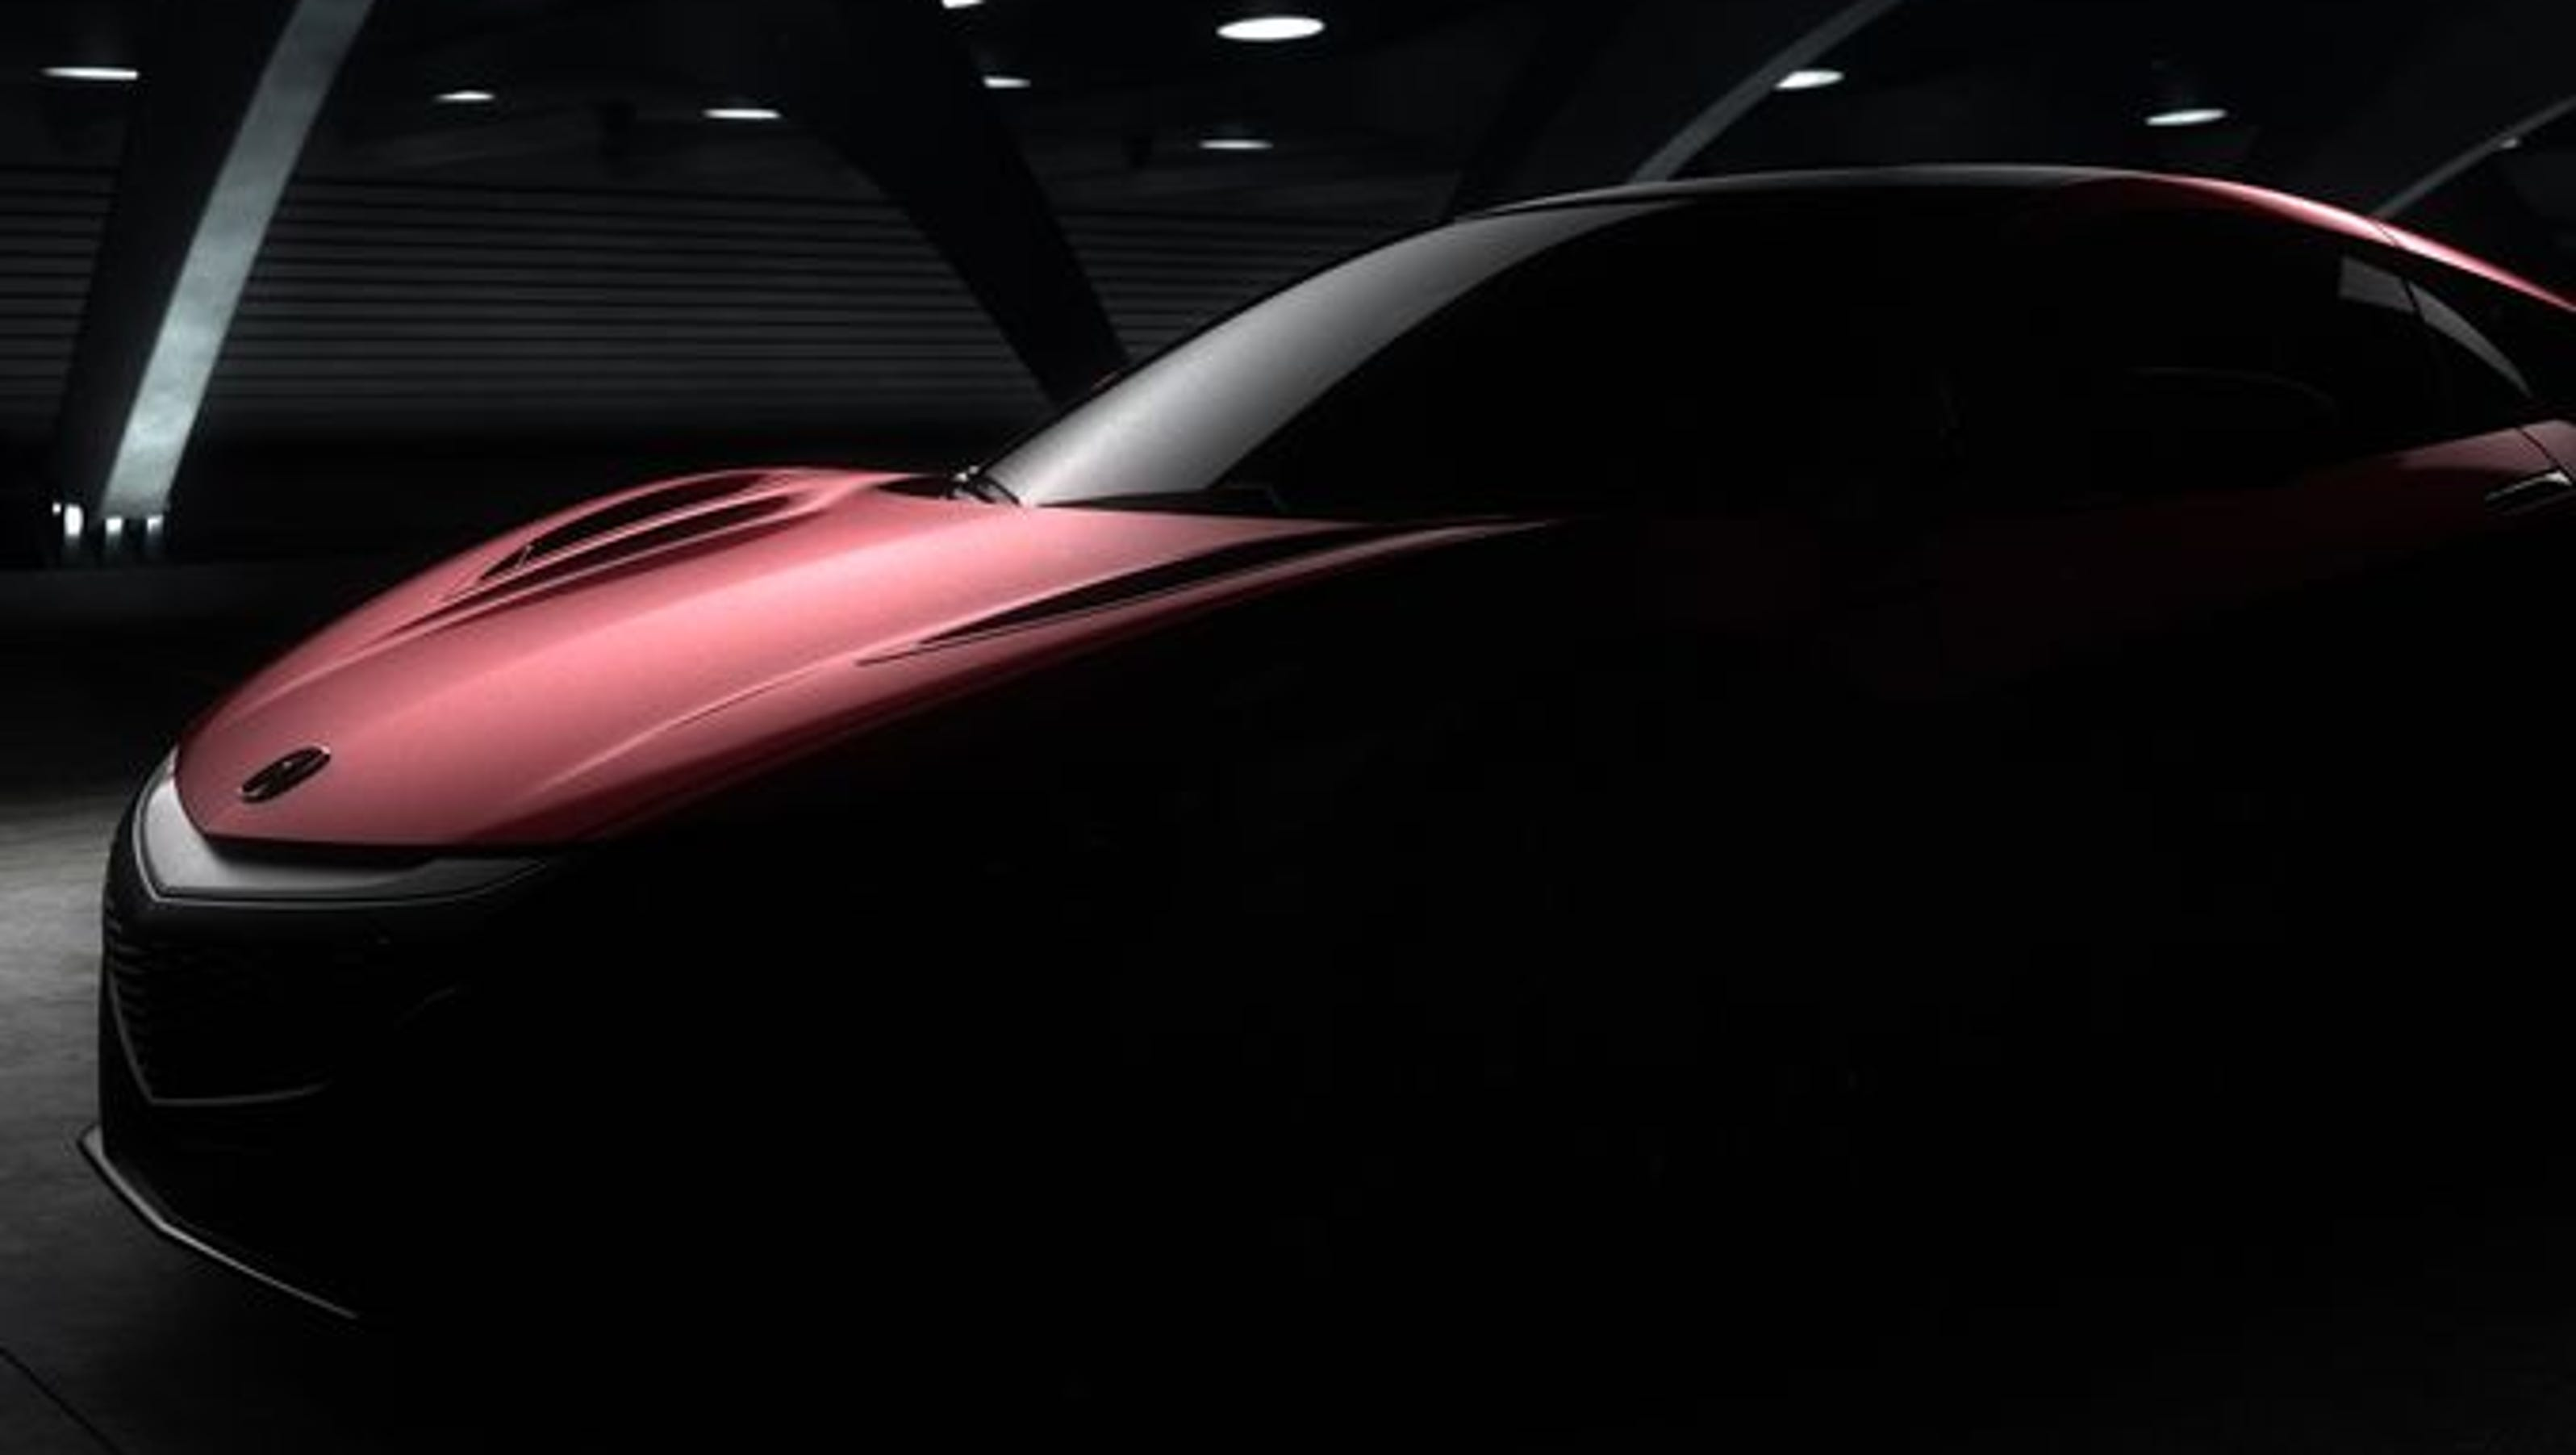 Video Recap Acura Reveals NSX Supercar At 2015 Detroit